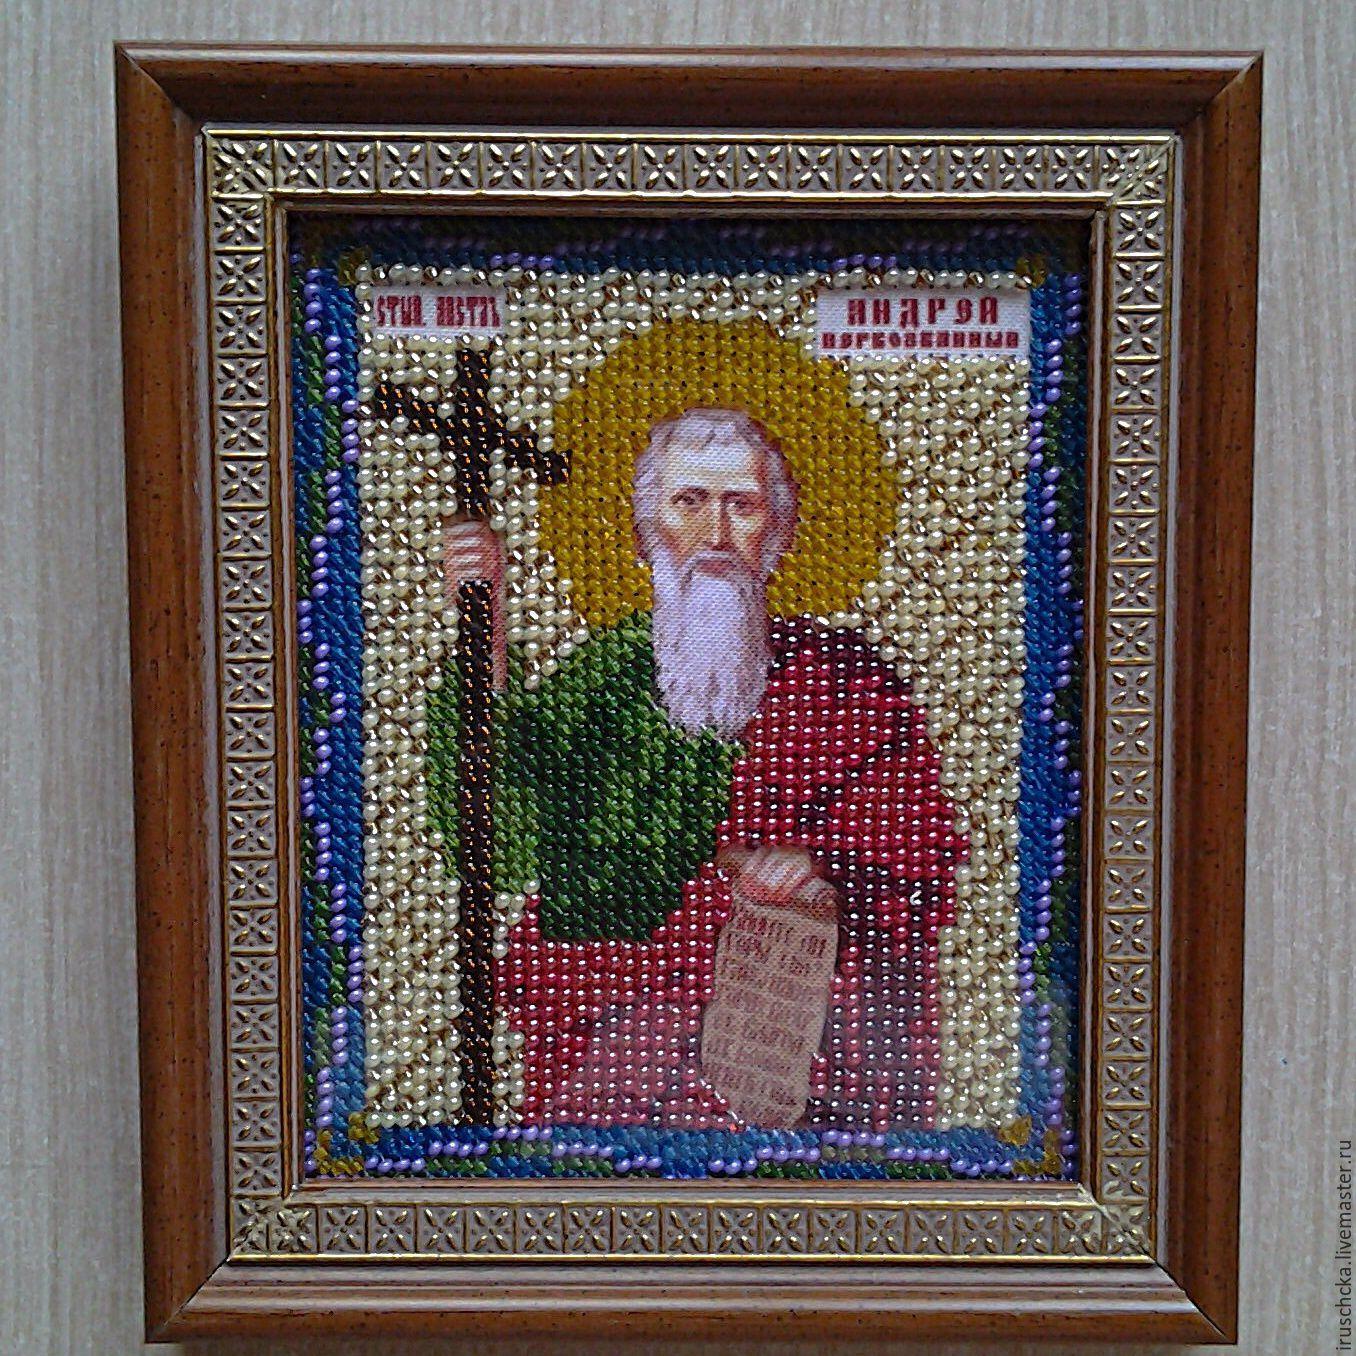 Икона `Андрей Первозванный`, вышитая чешским бисером и оформленная в деревянный багет.